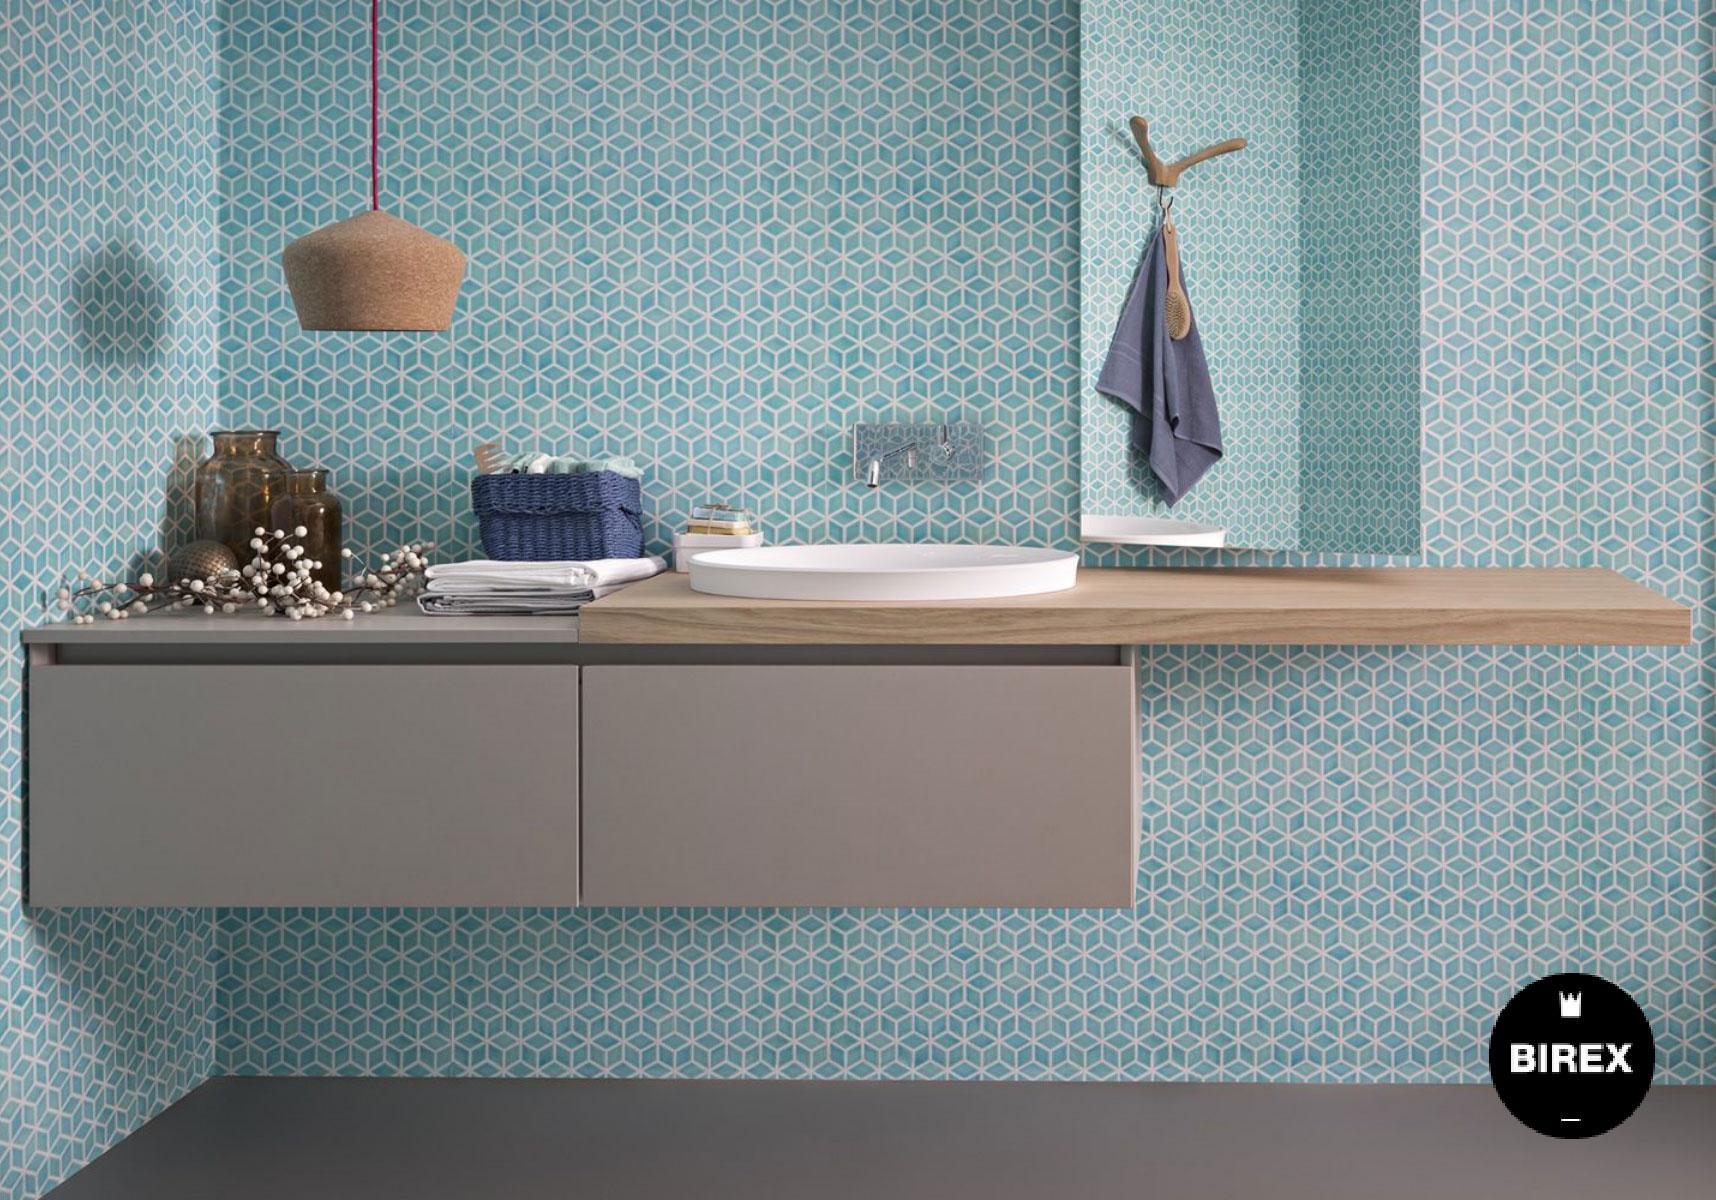 Déco salle de bains - Birex